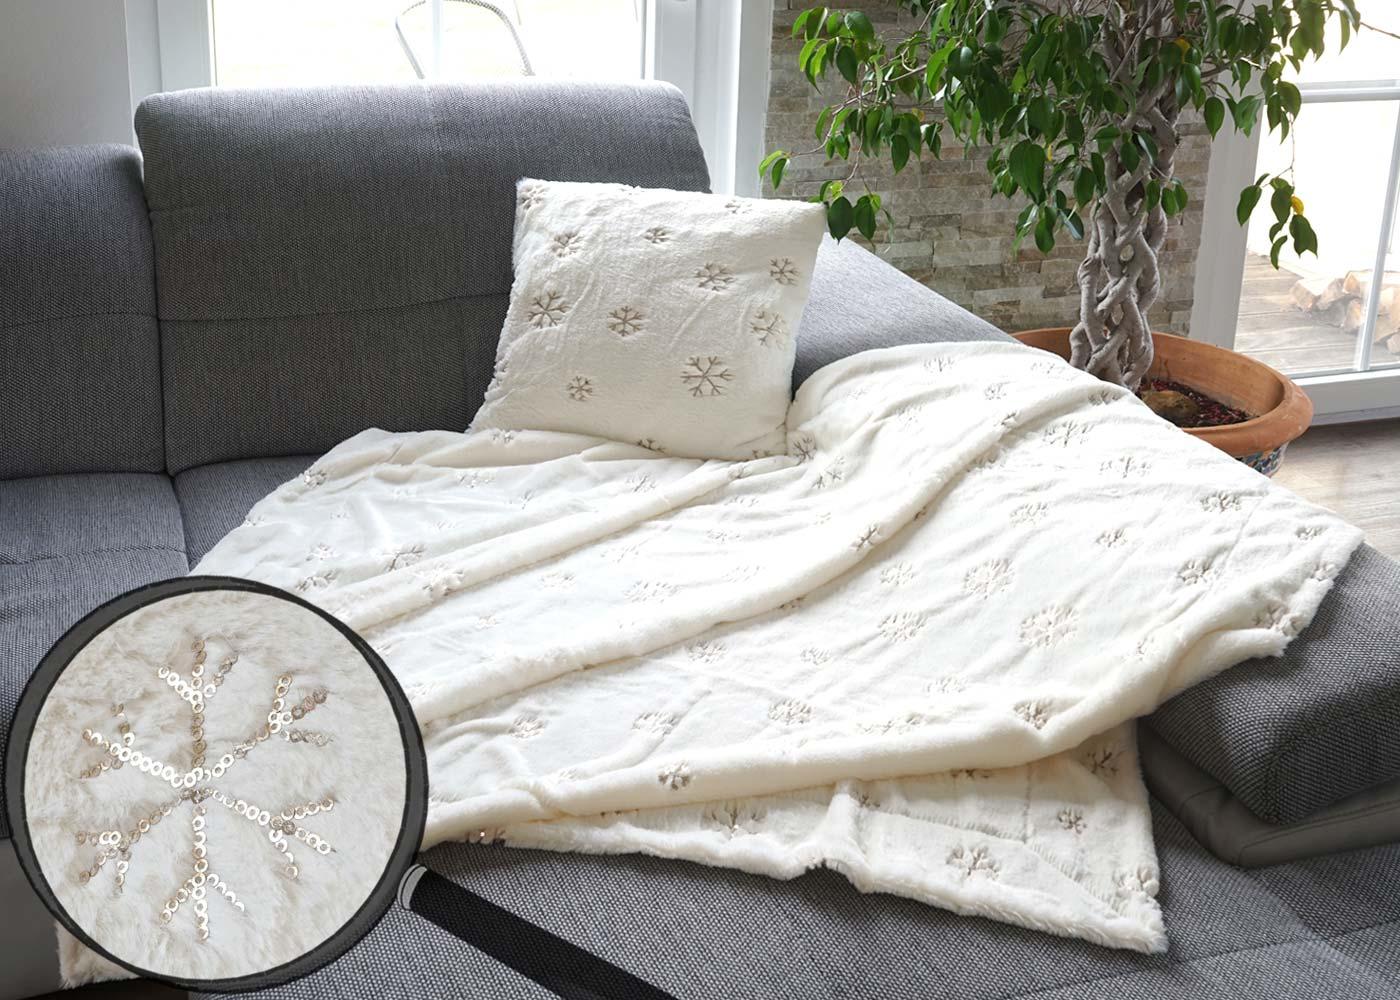 set wohndecke deko kissen schnee kuscheldecke sofadecke zierkissen f llung flauschig pailletten. Black Bedroom Furniture Sets. Home Design Ideas